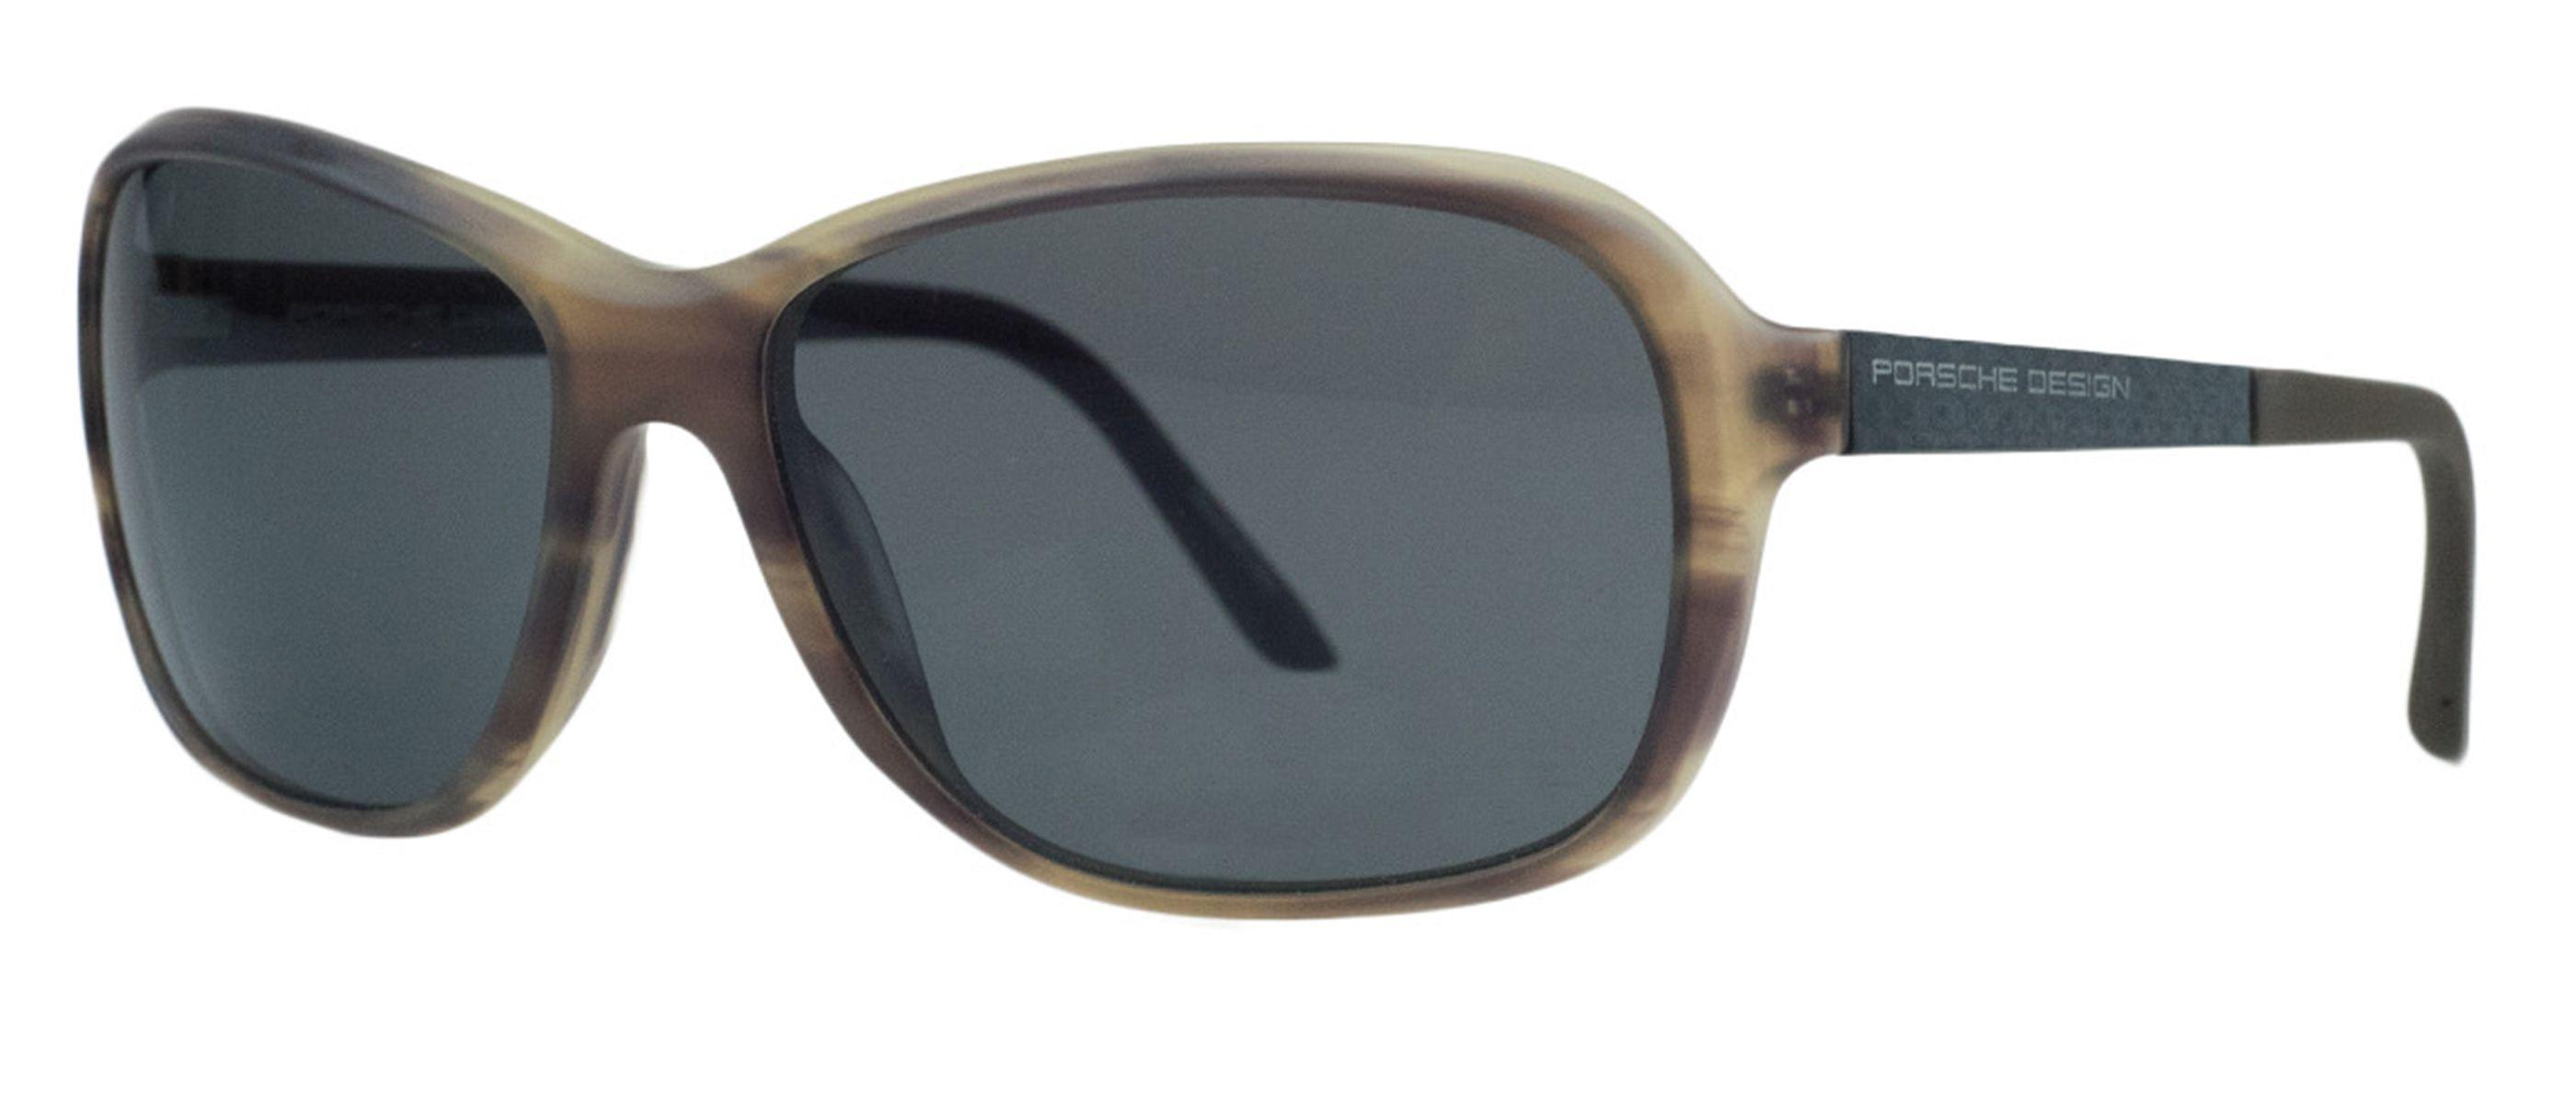 a794f691916 Lyst - Porsche Design P8558-b Brown Horn Rectangular Sunglasses